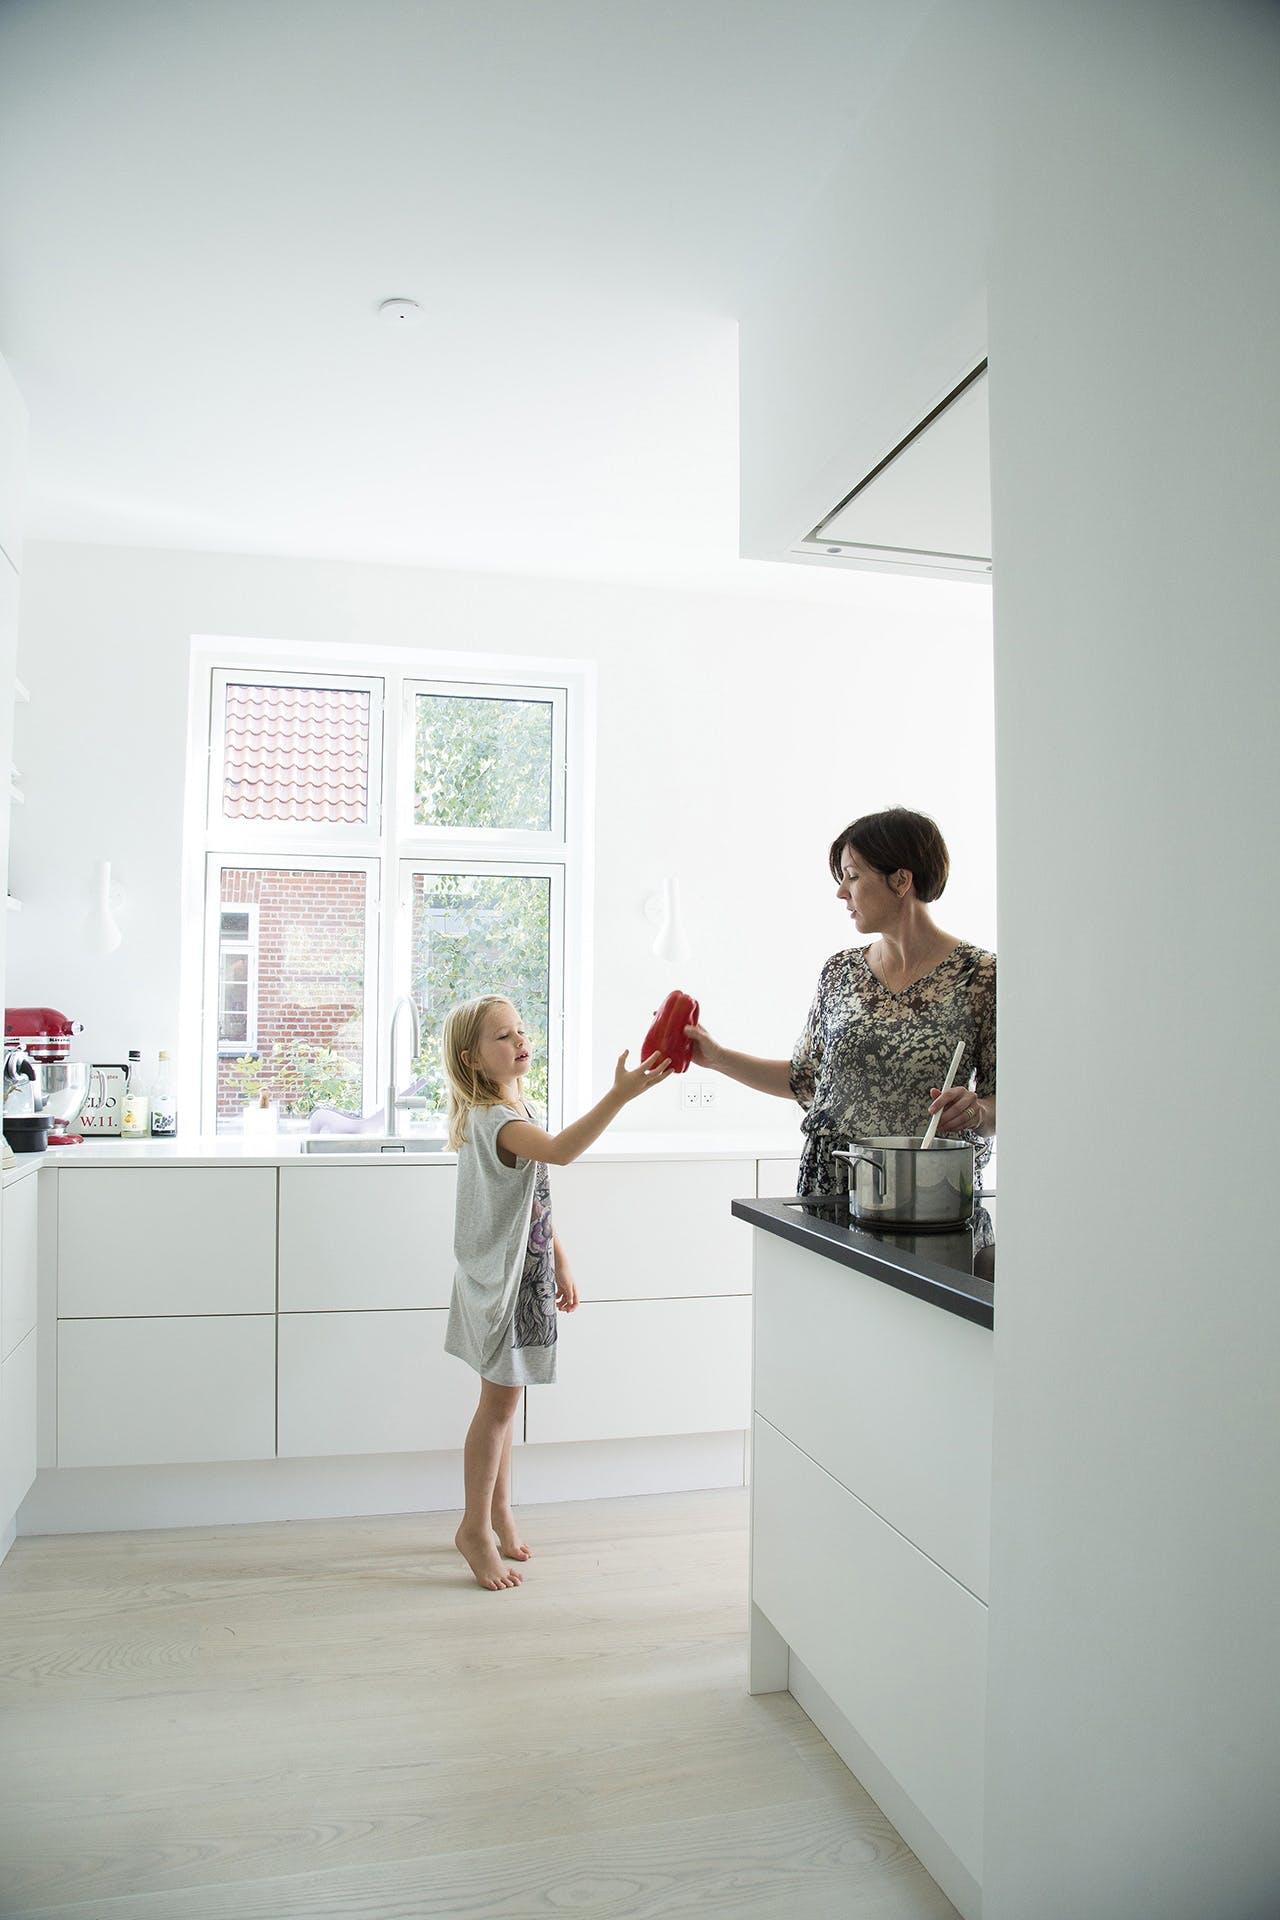 Ombygget køkken i murermestervilla med mor og datter